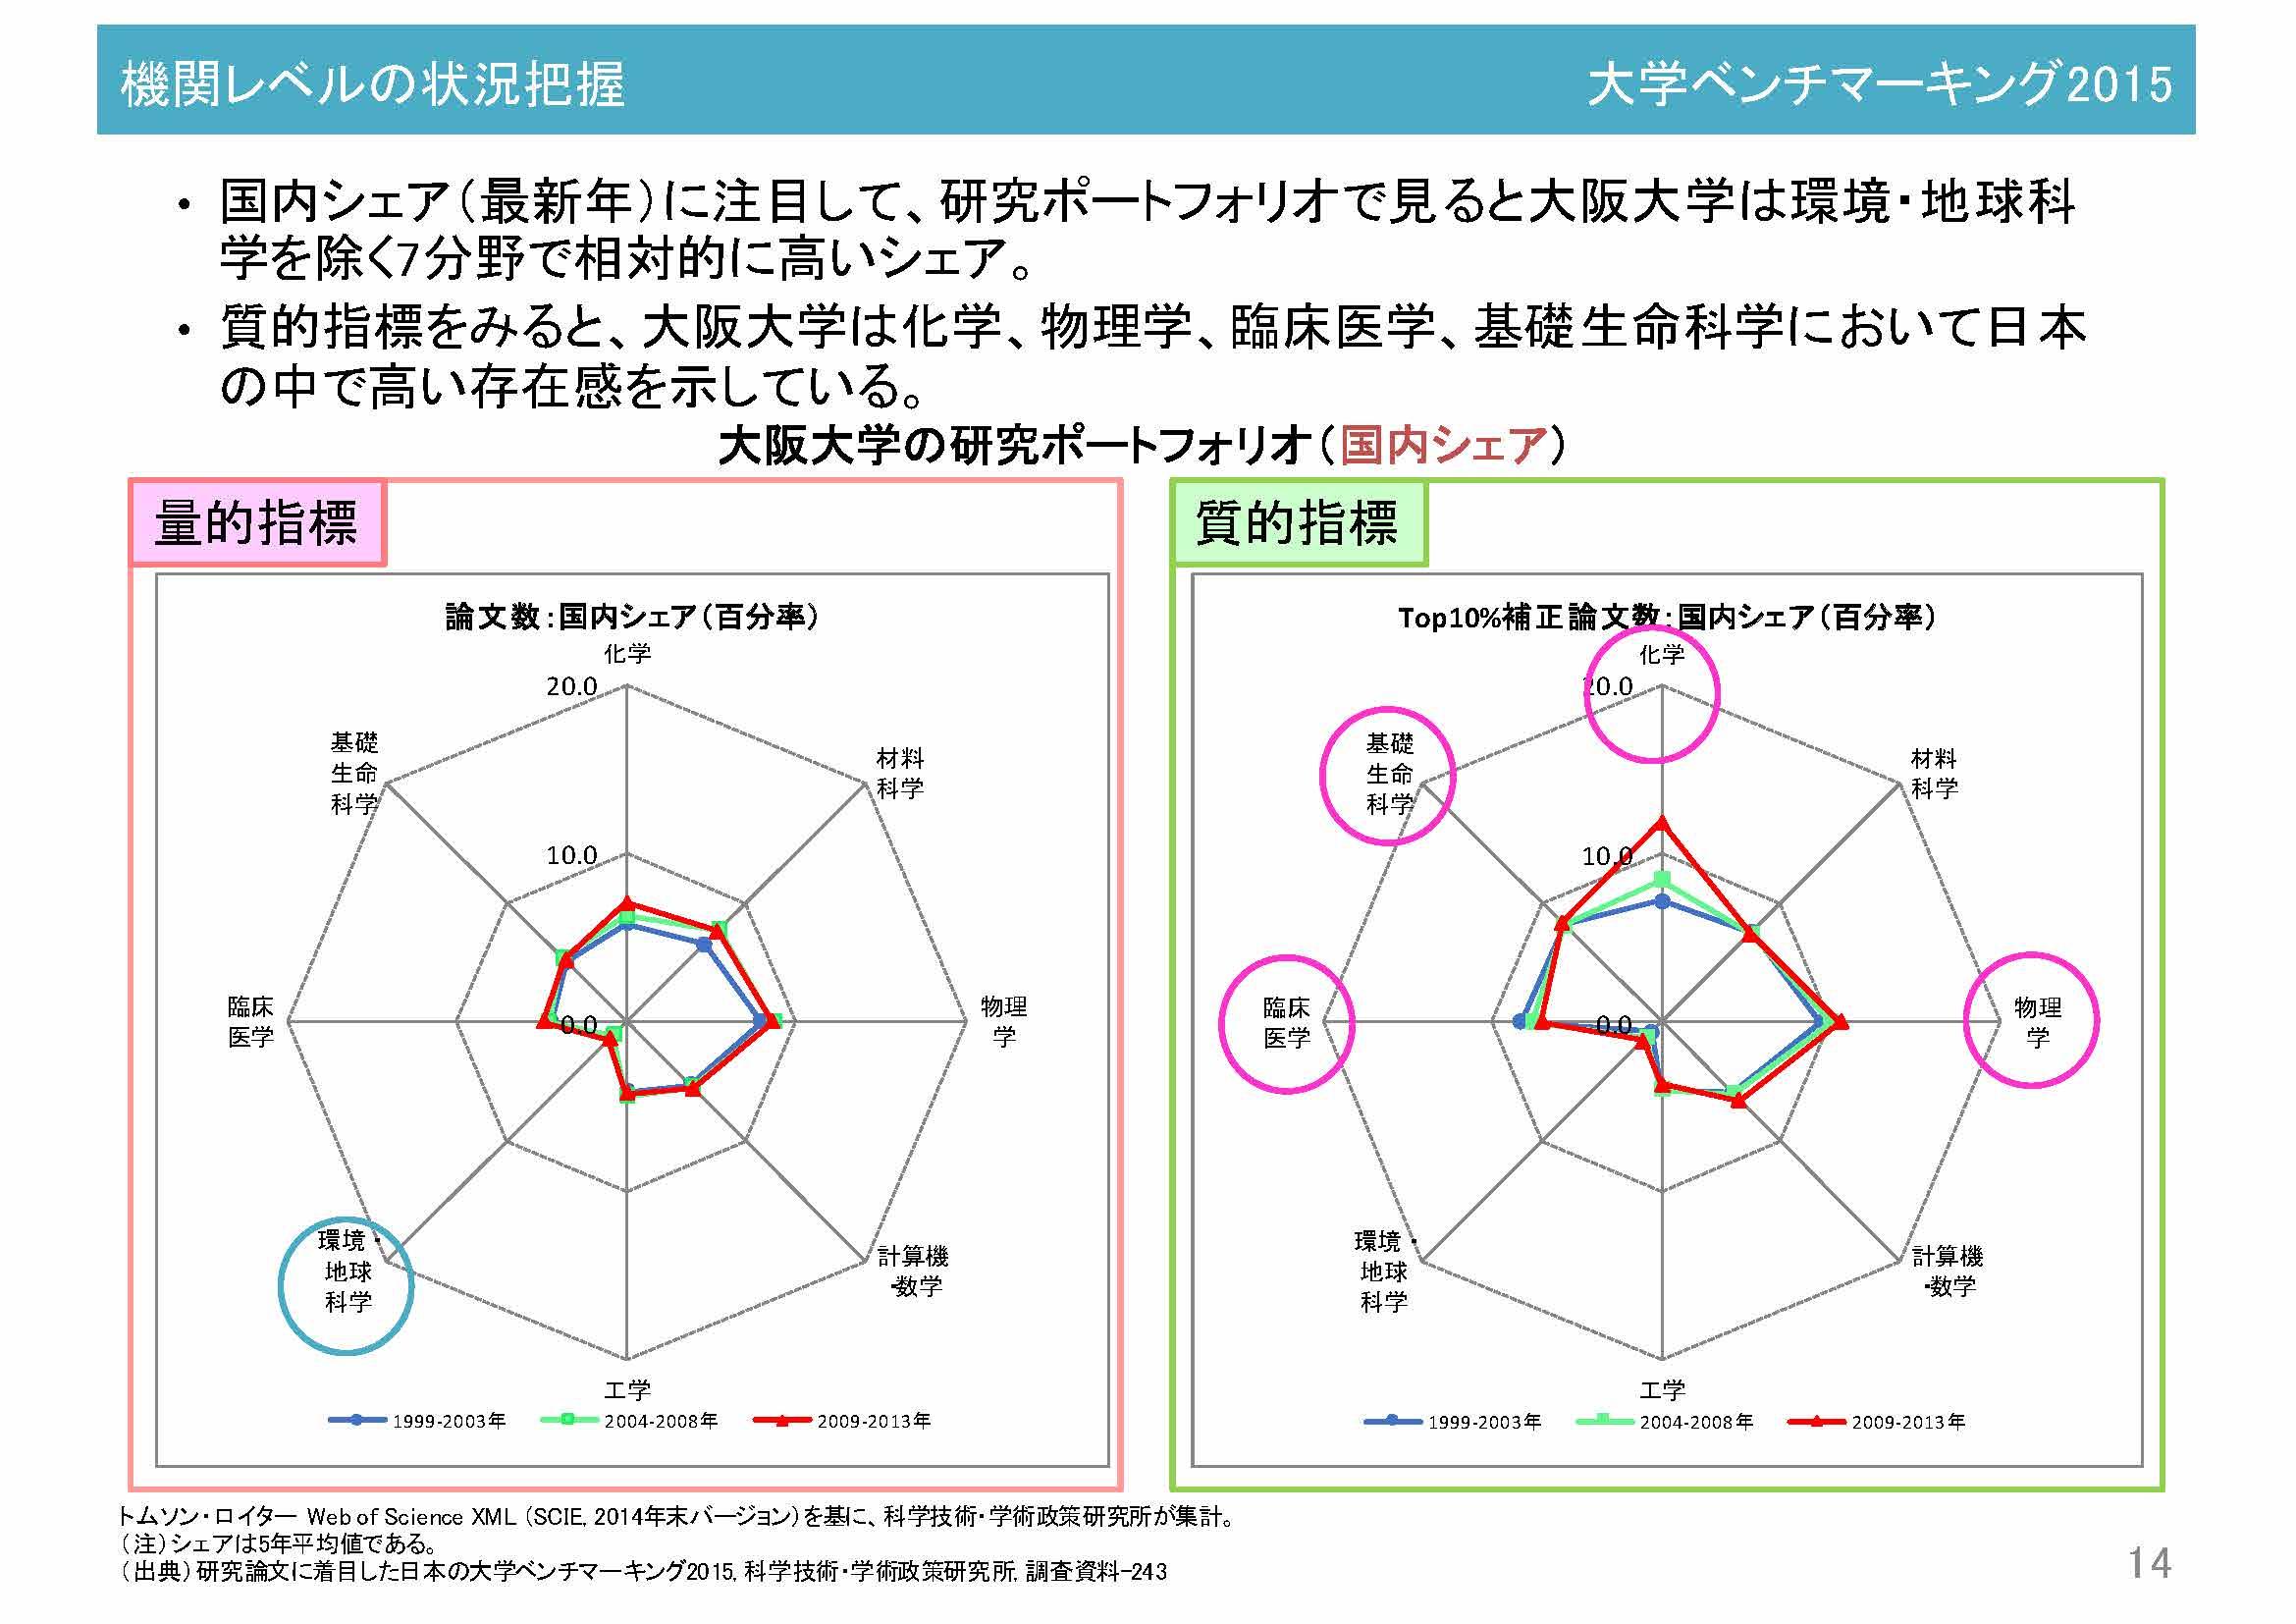 阪氏講演資料11